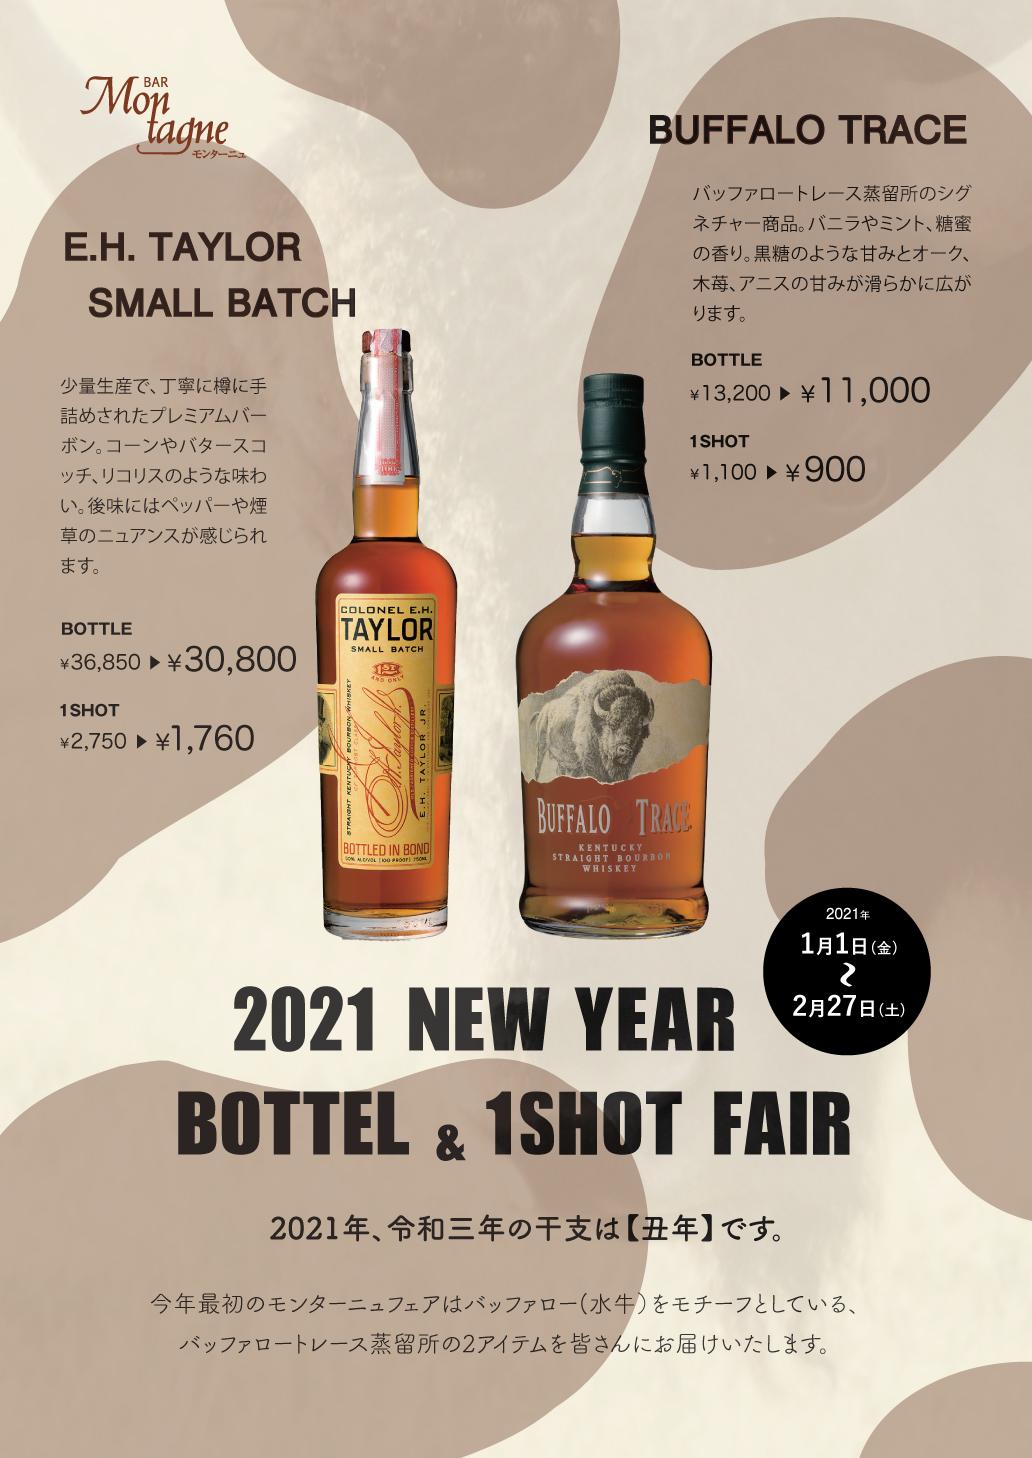 2021 NEW YEAR BOTTEL & 1SHOT FAIR